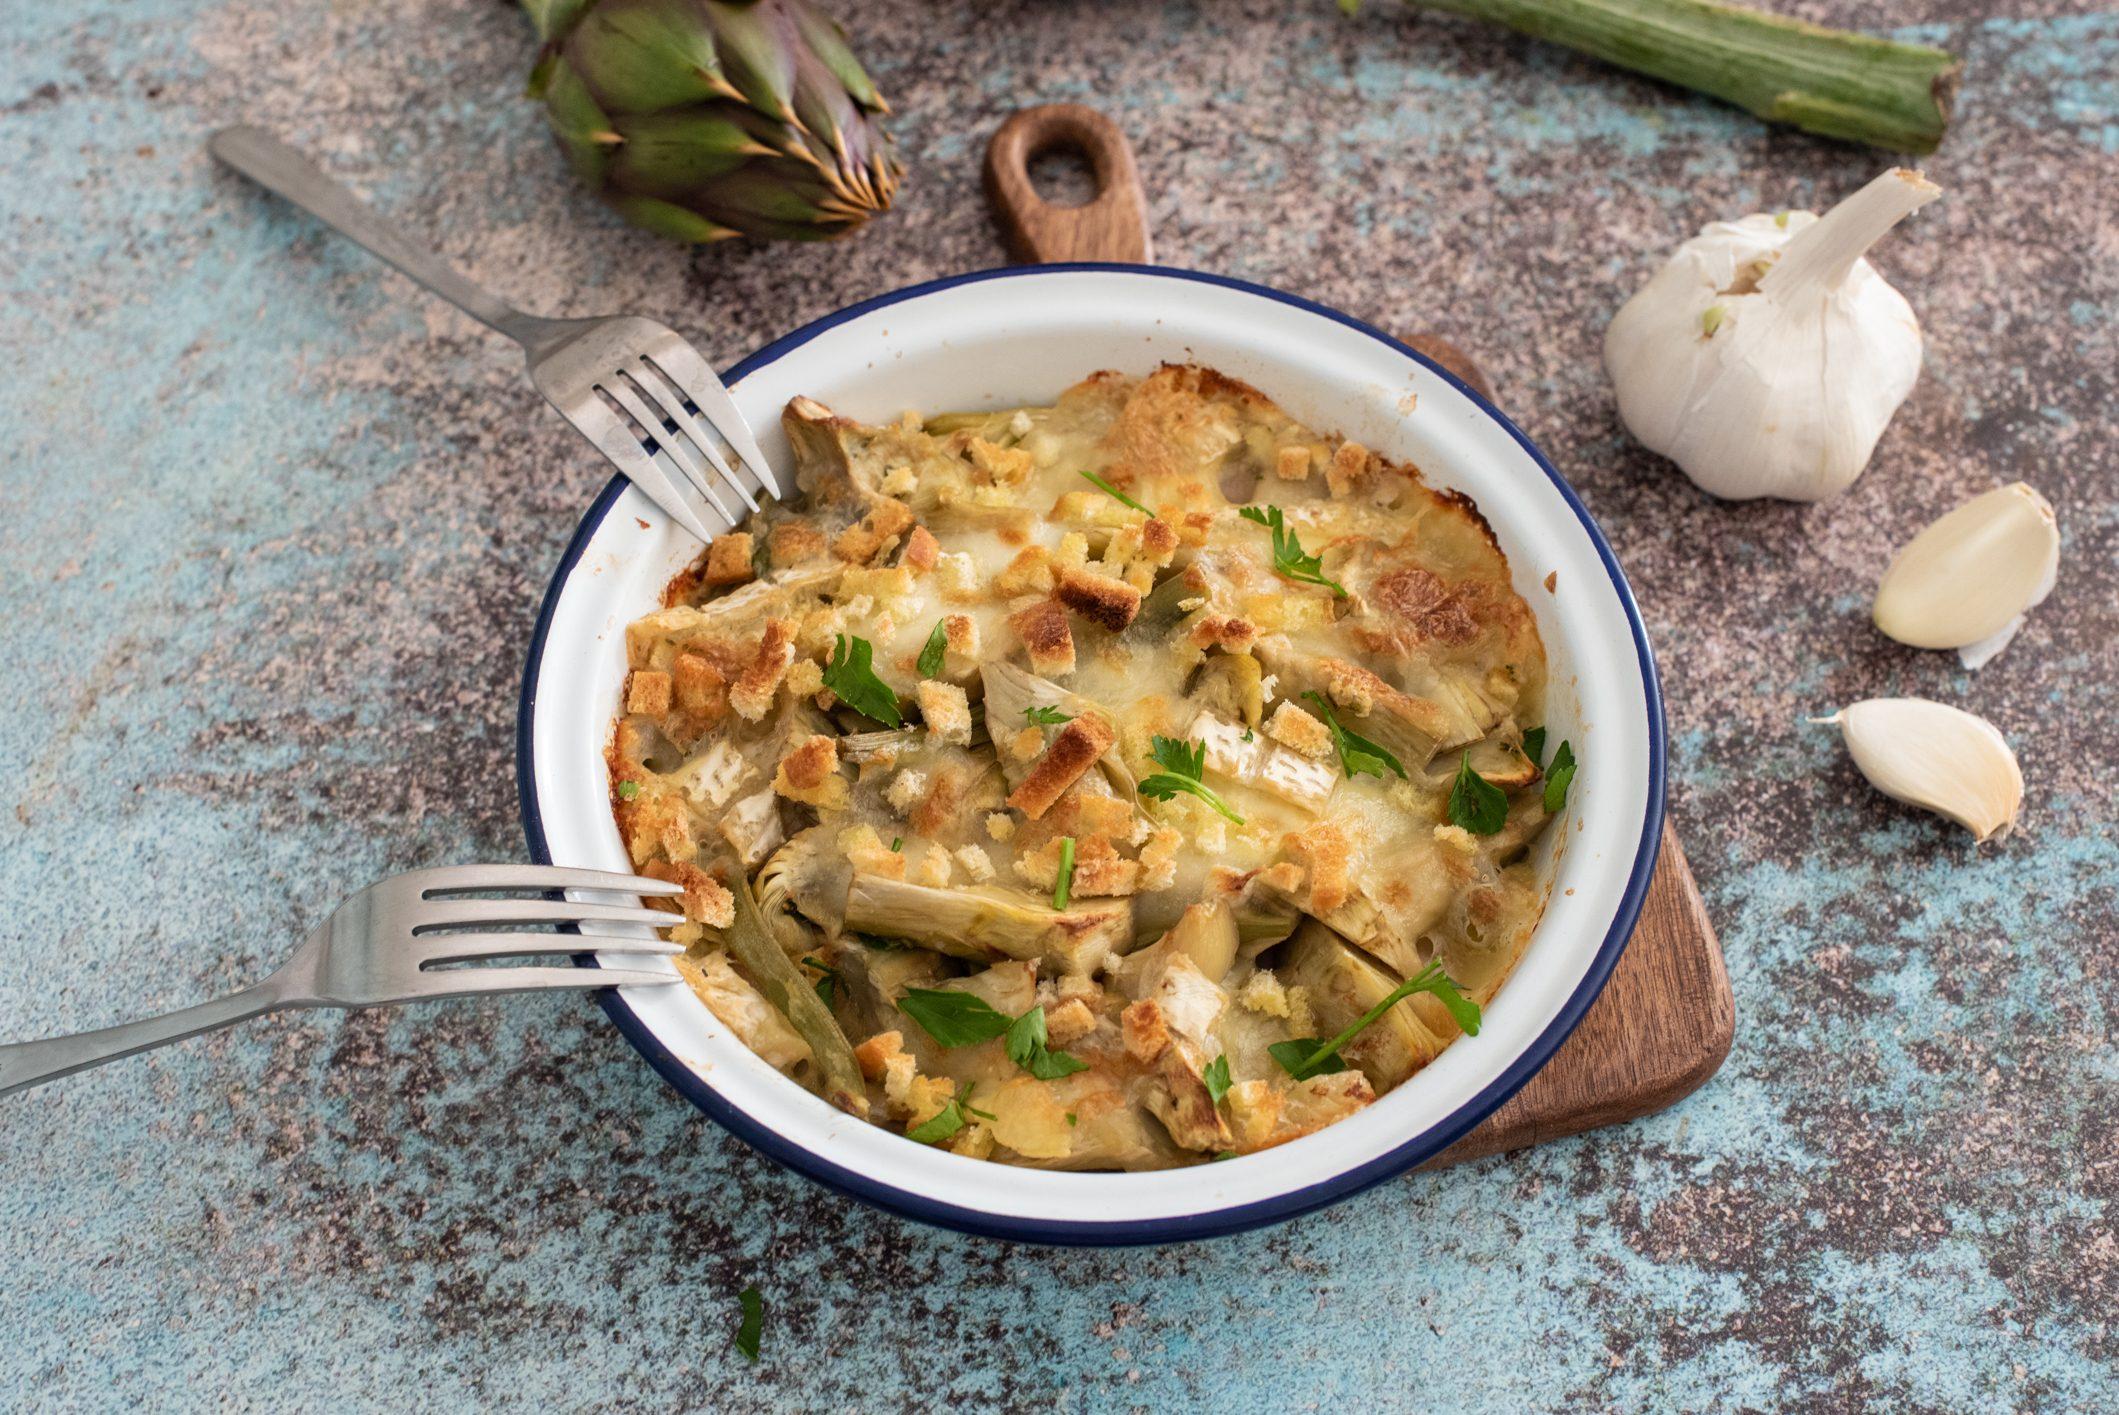 Timballo di carciofi e mozzarella: la ricetta del secondo goloso da fare in anticipo